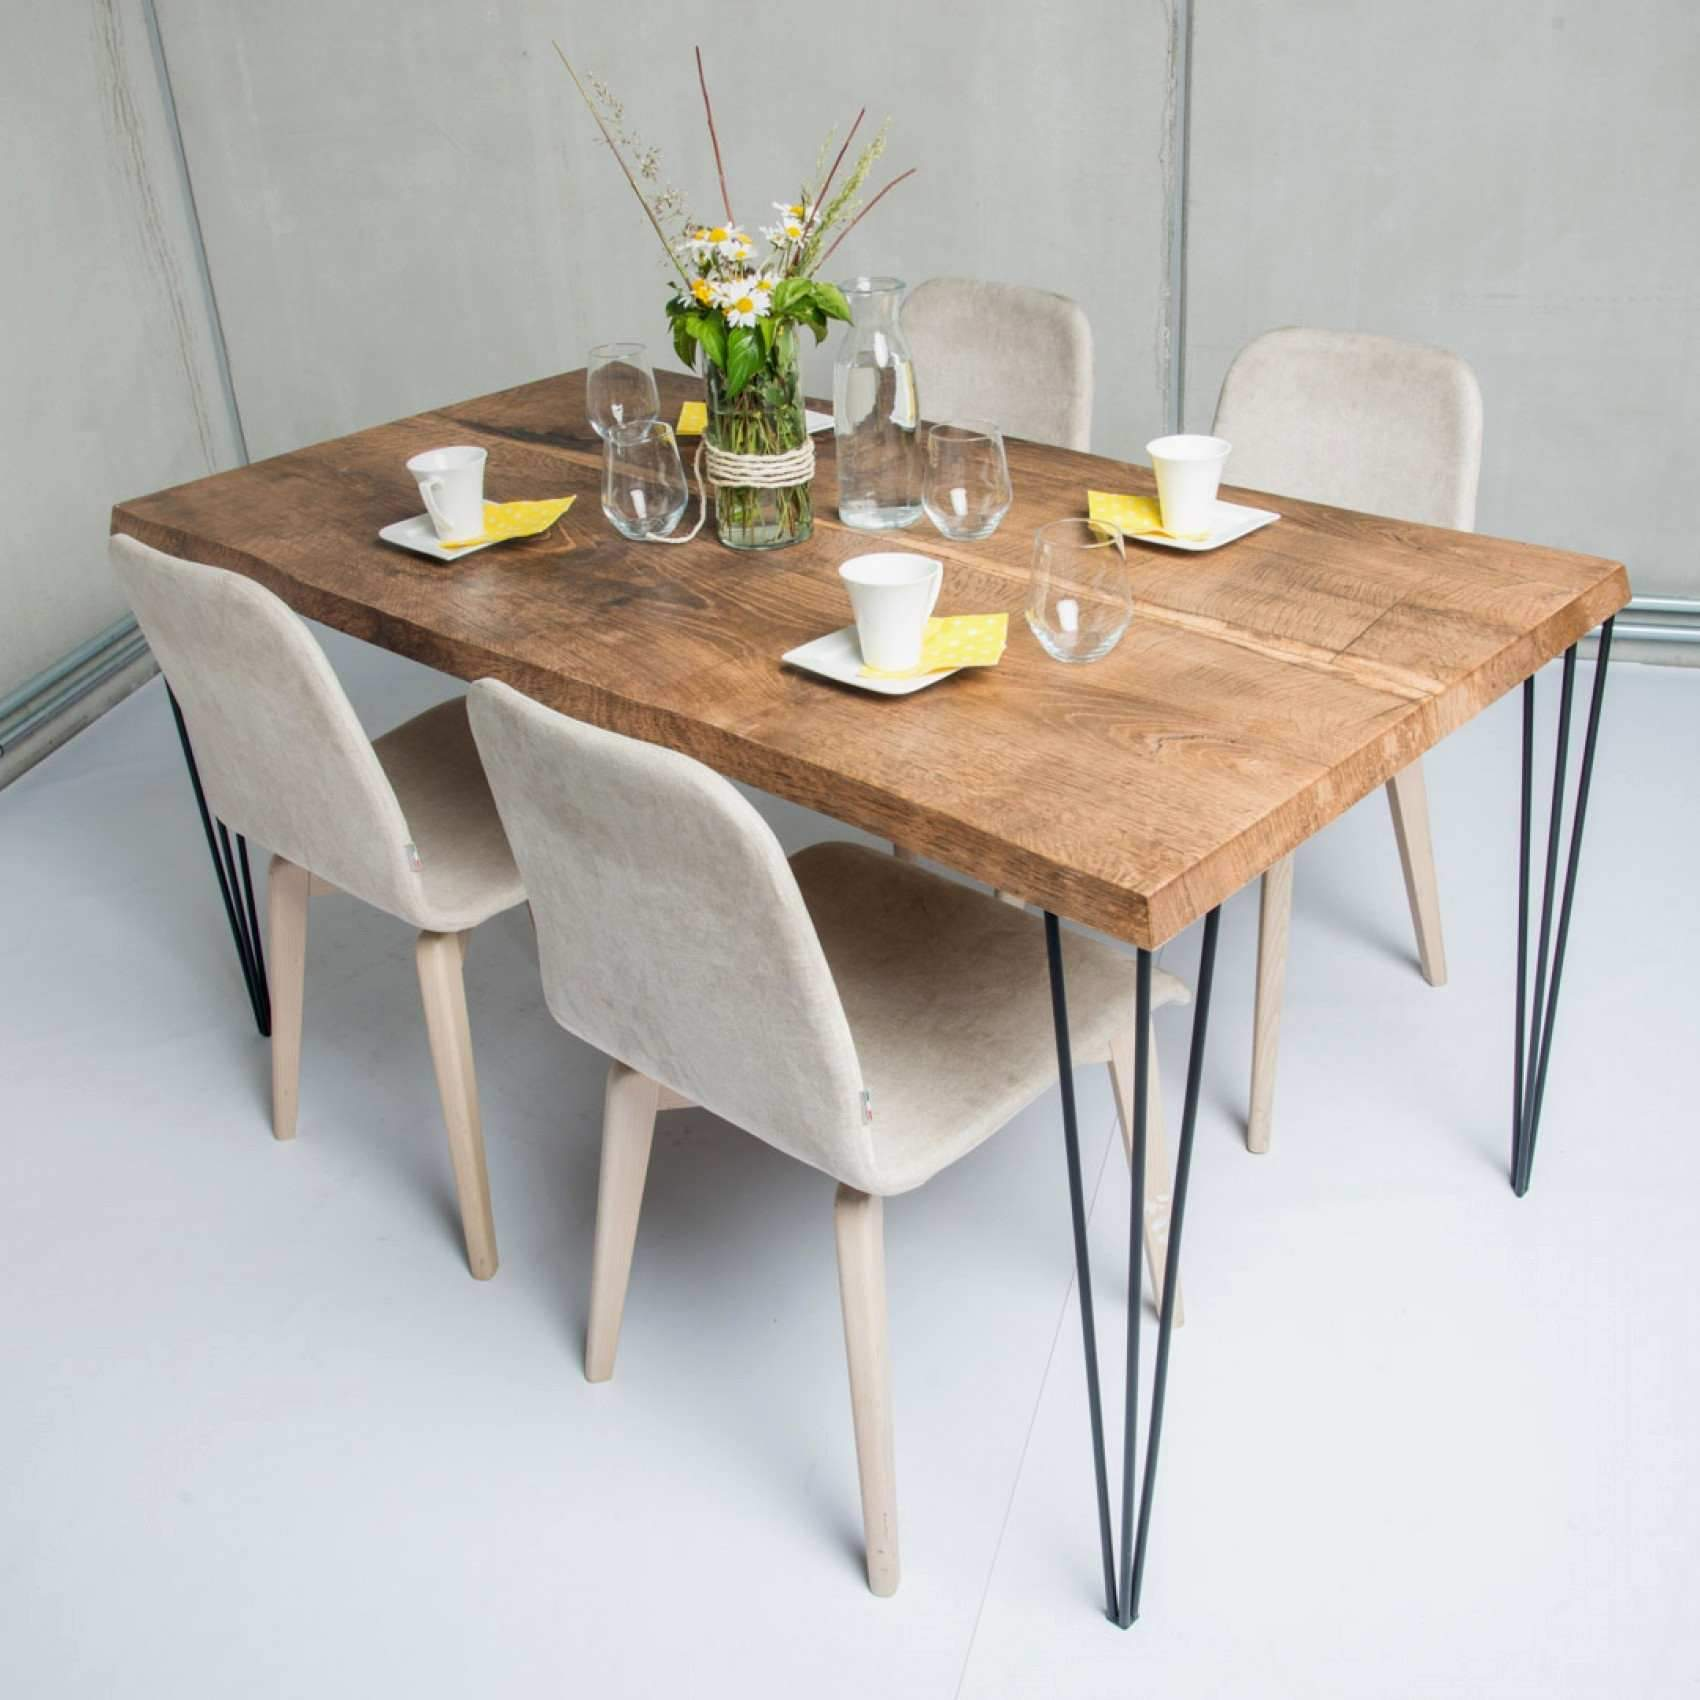 tisch und stuhle inspirierend esstisch mit sthlen beste von groa holzplatte stesstisch of tisch und stuhle